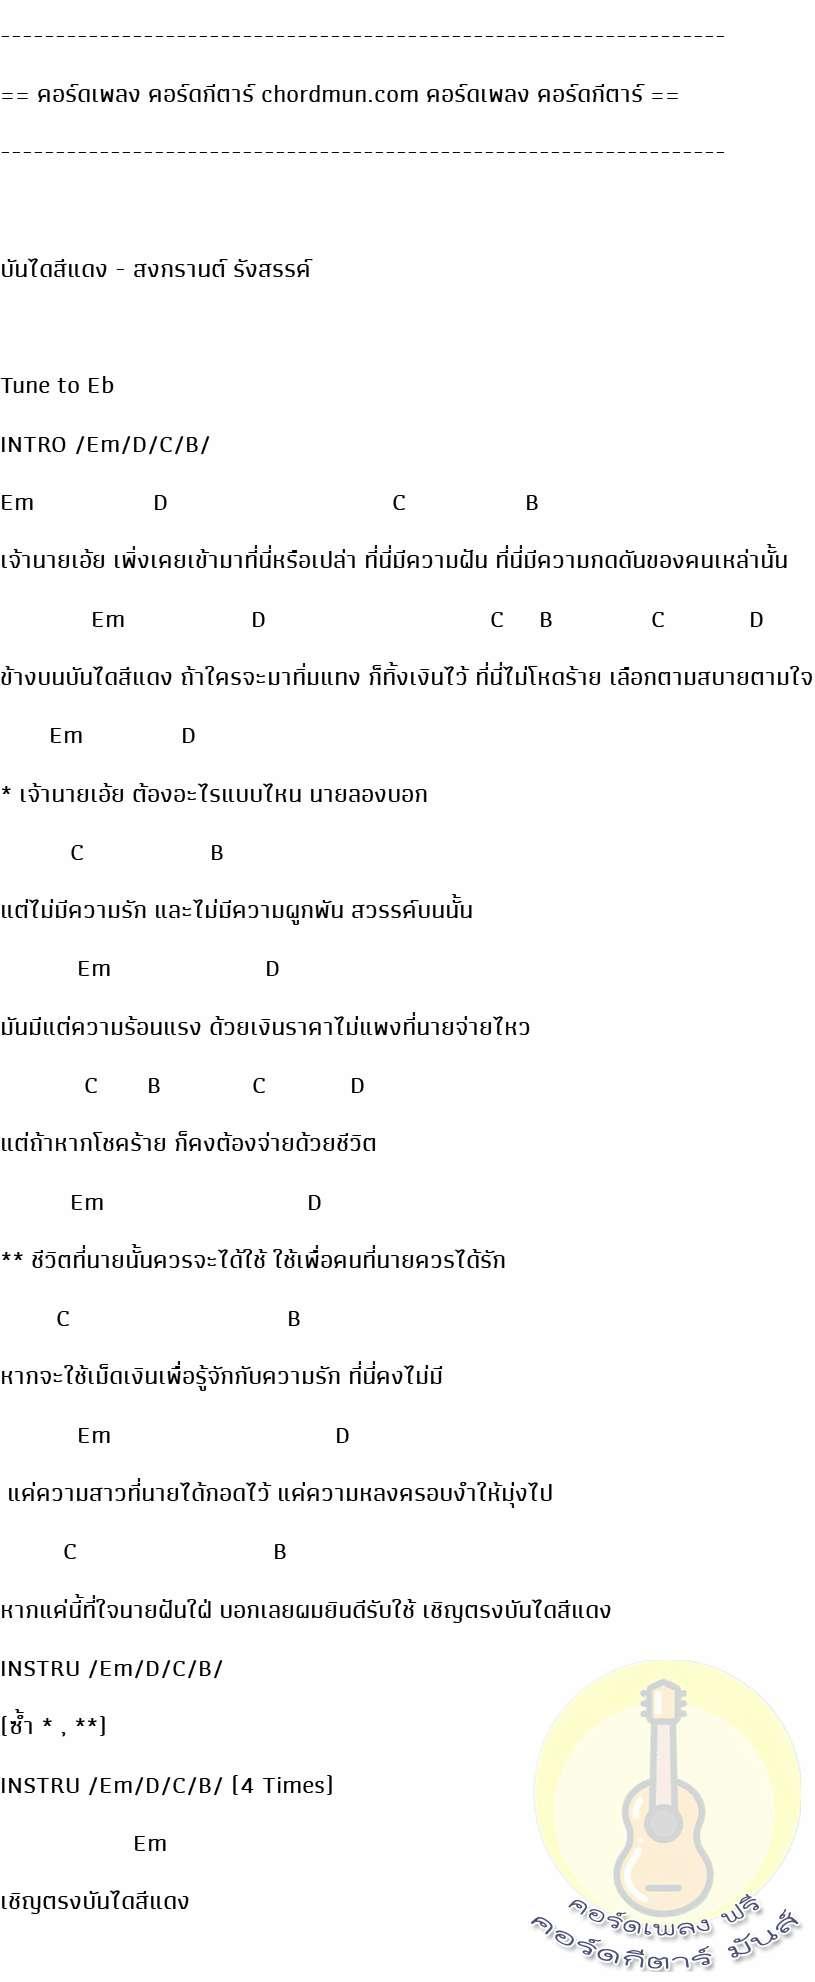 คอร์ดกีตาร์ ง่าย  เพลง บันไดสีแดง (cover by สงกรานต์)